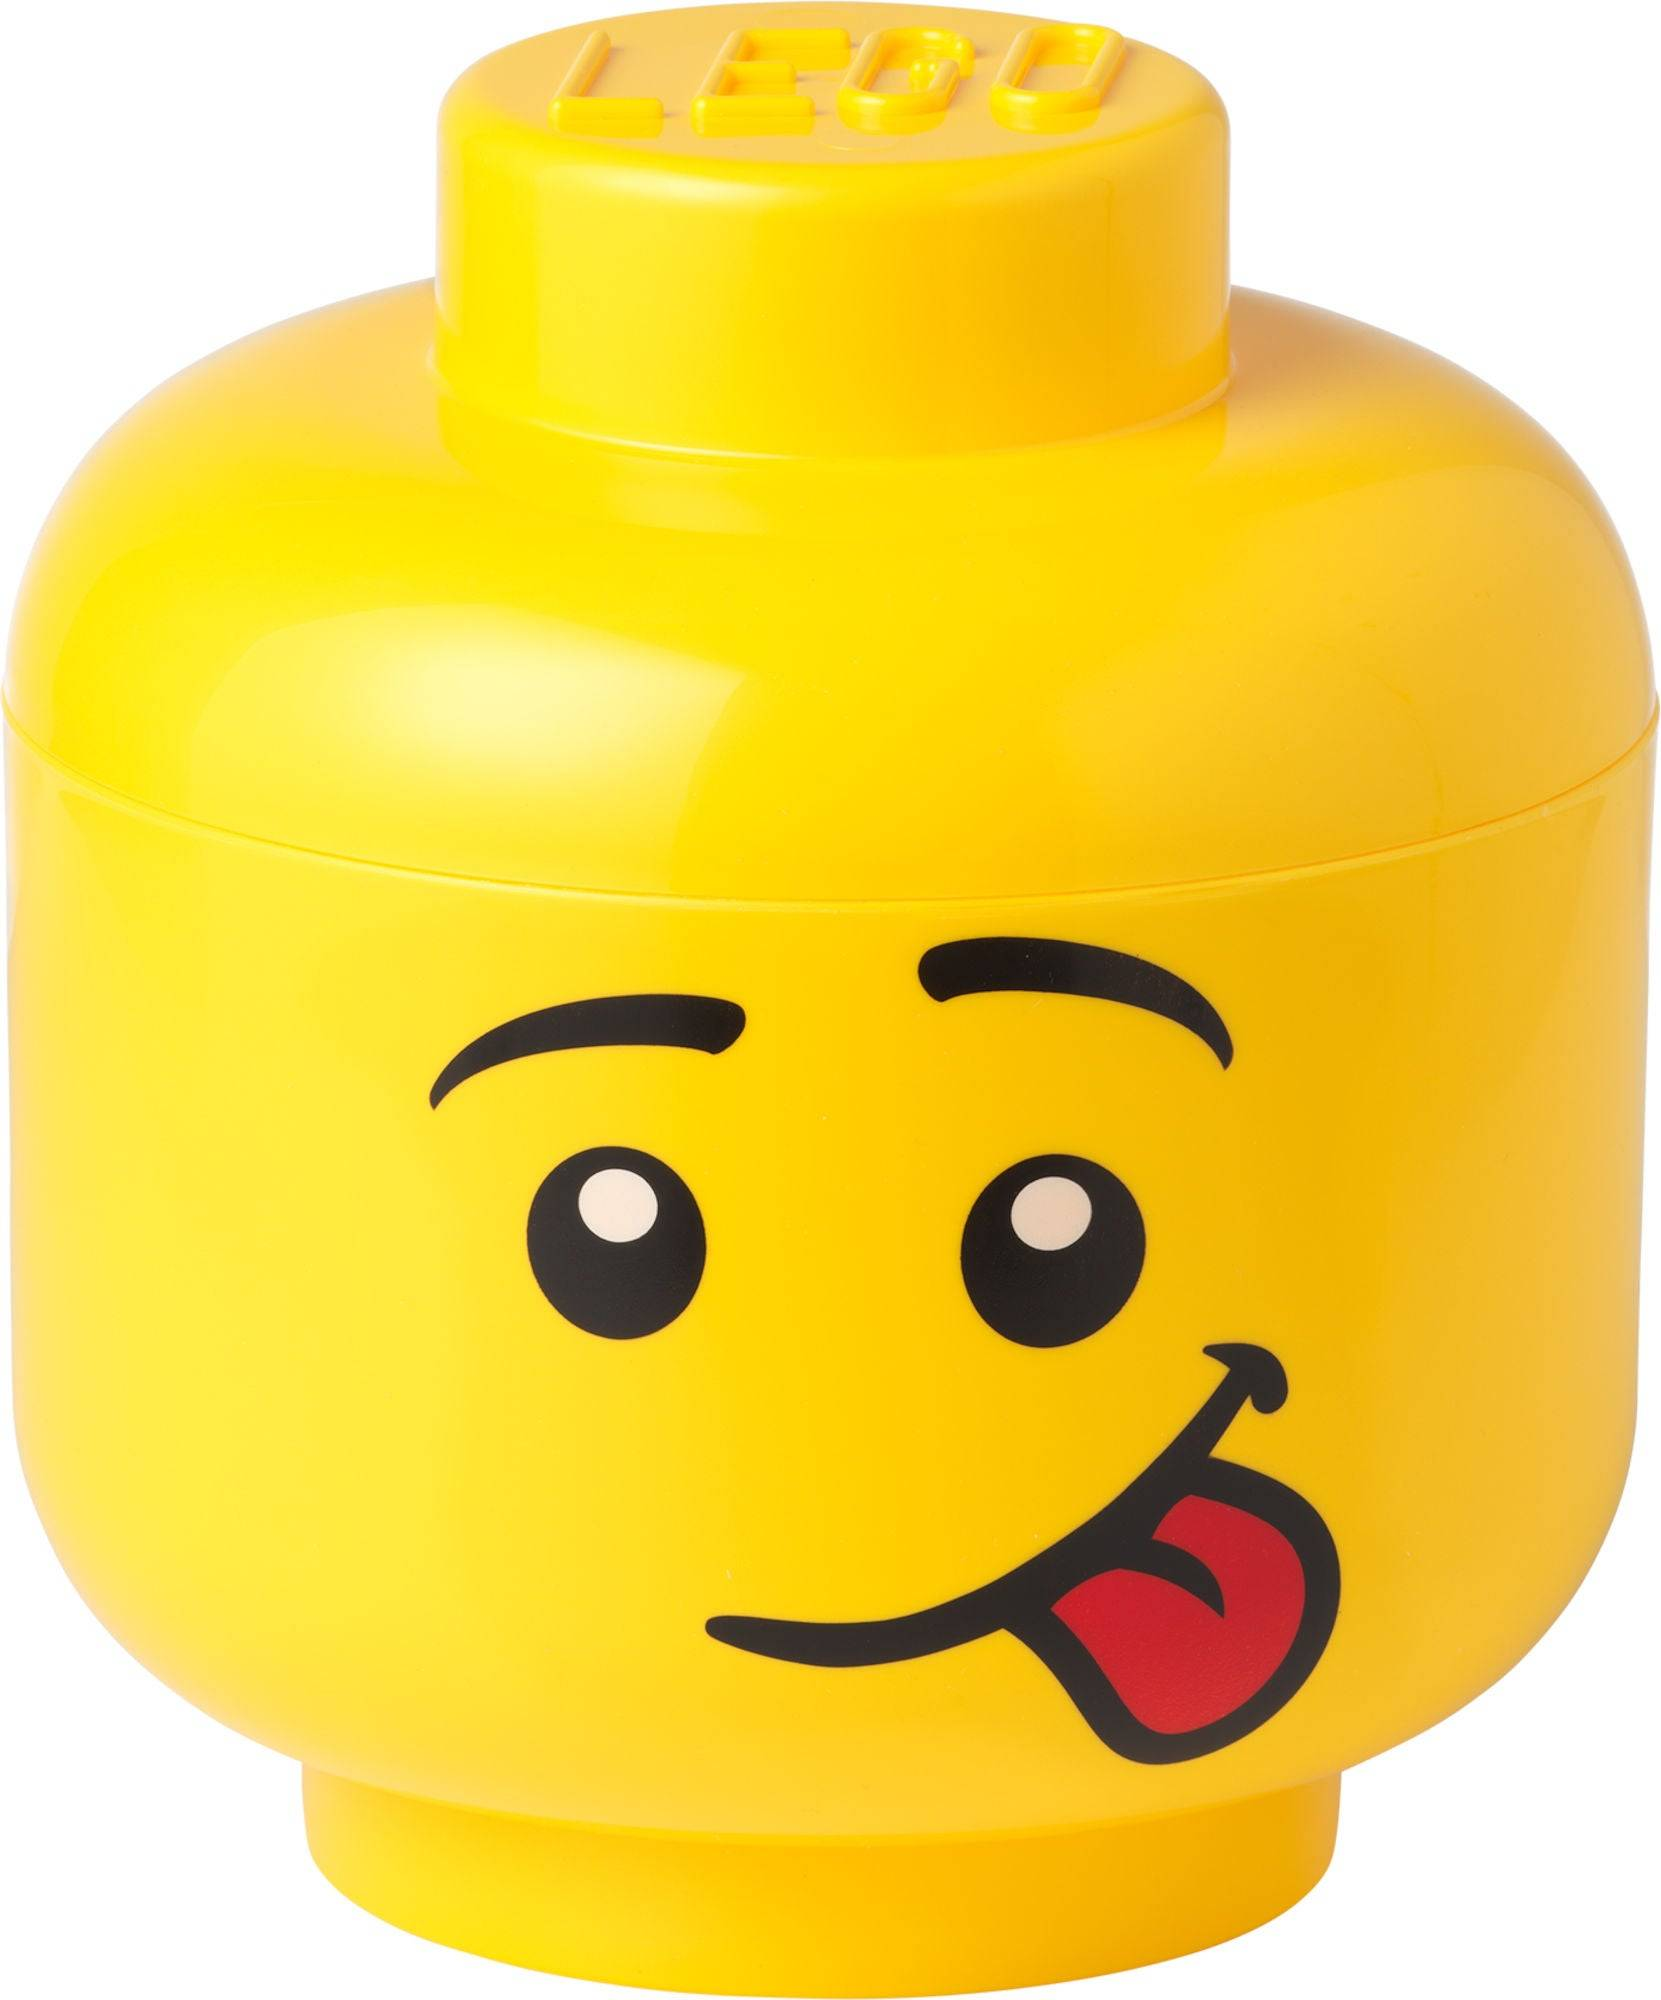 Lego Oppbevaring L Skrullete, Gul